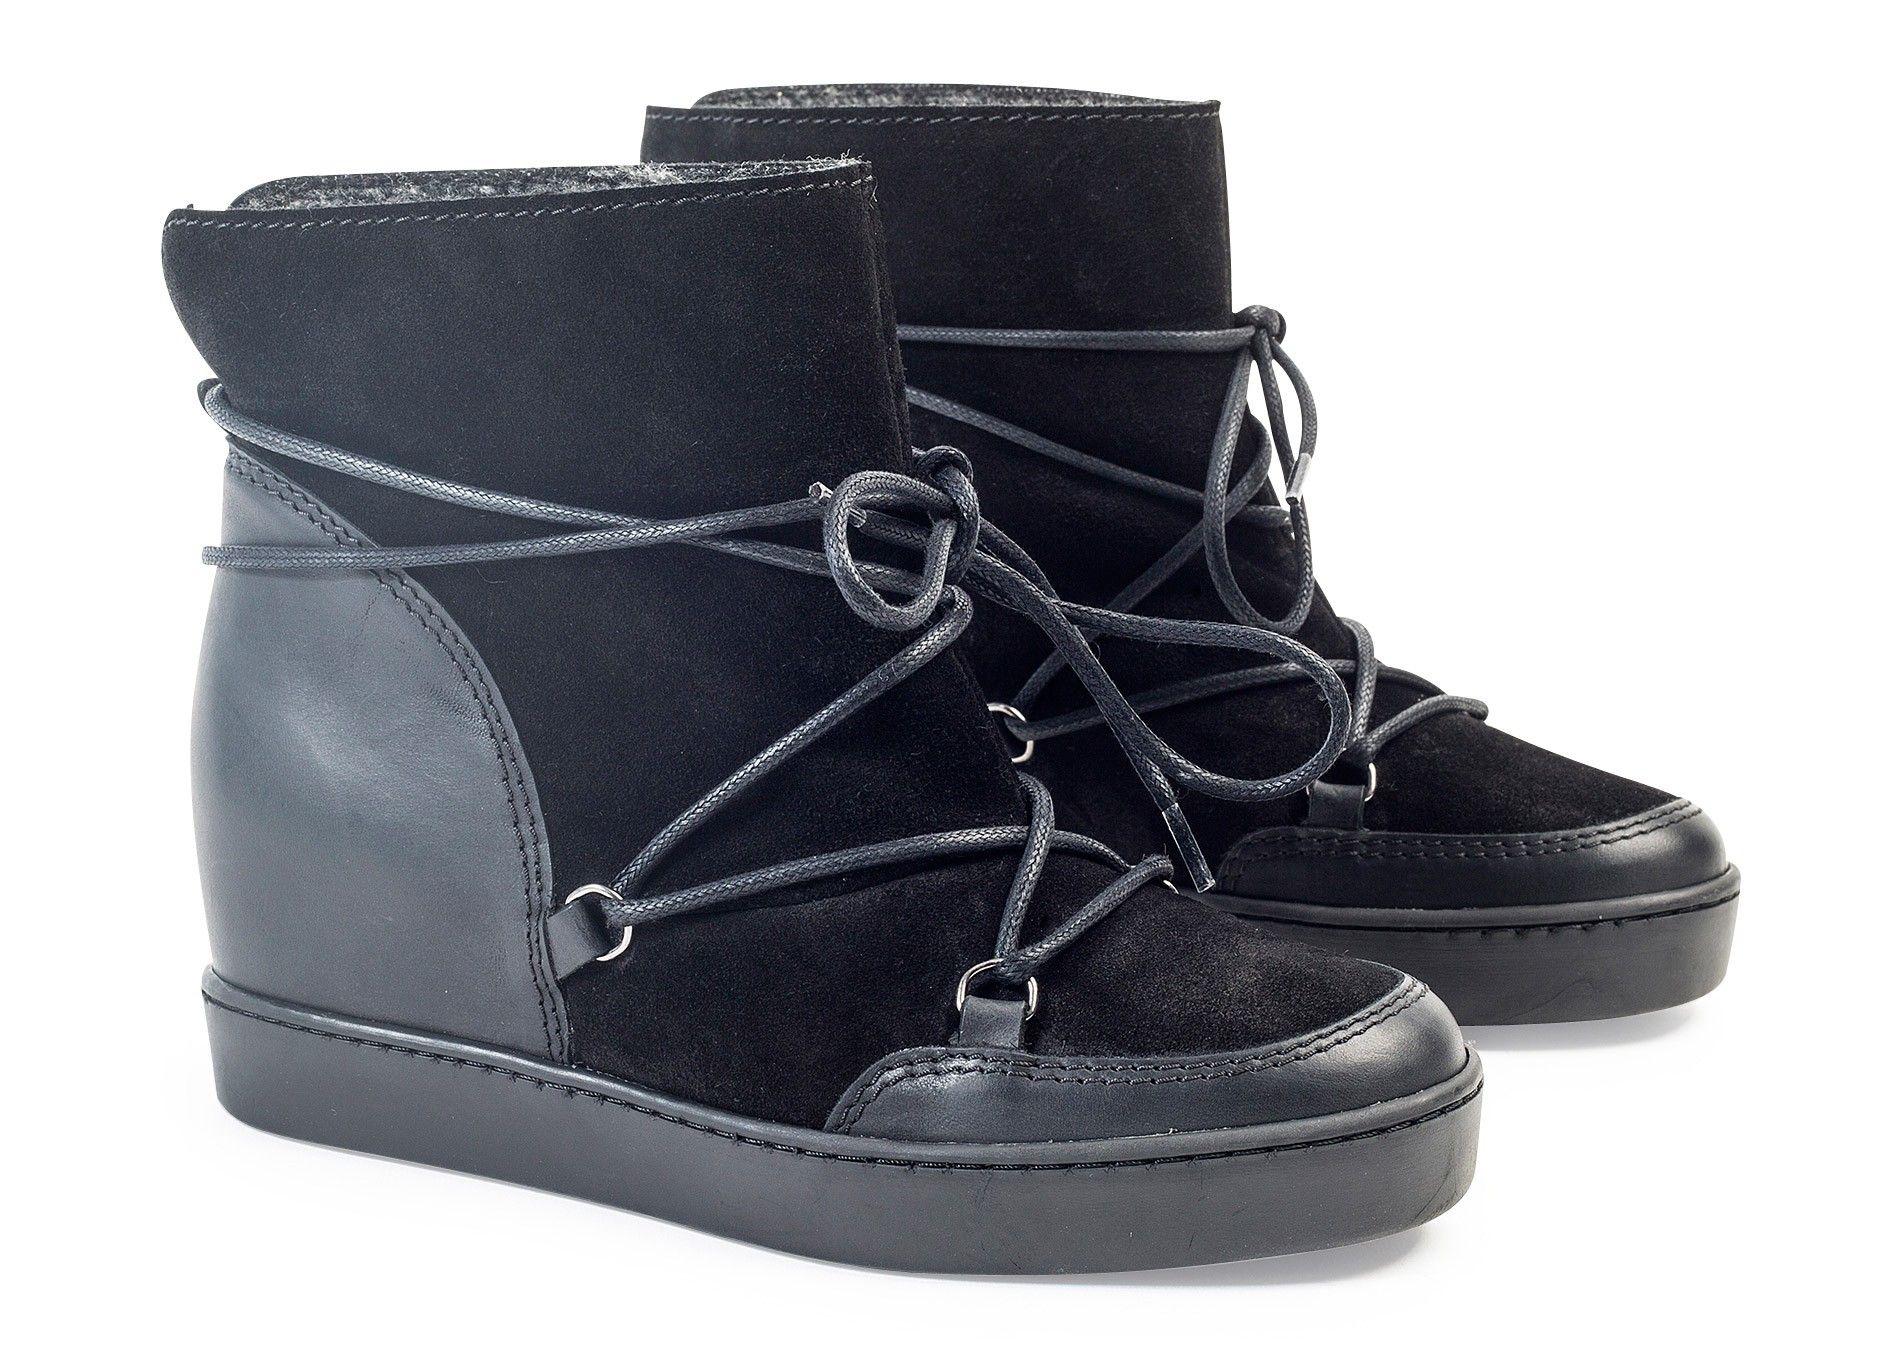 Chaussures Compensées Boots Fourrées André À Lacets wwZqpA4z